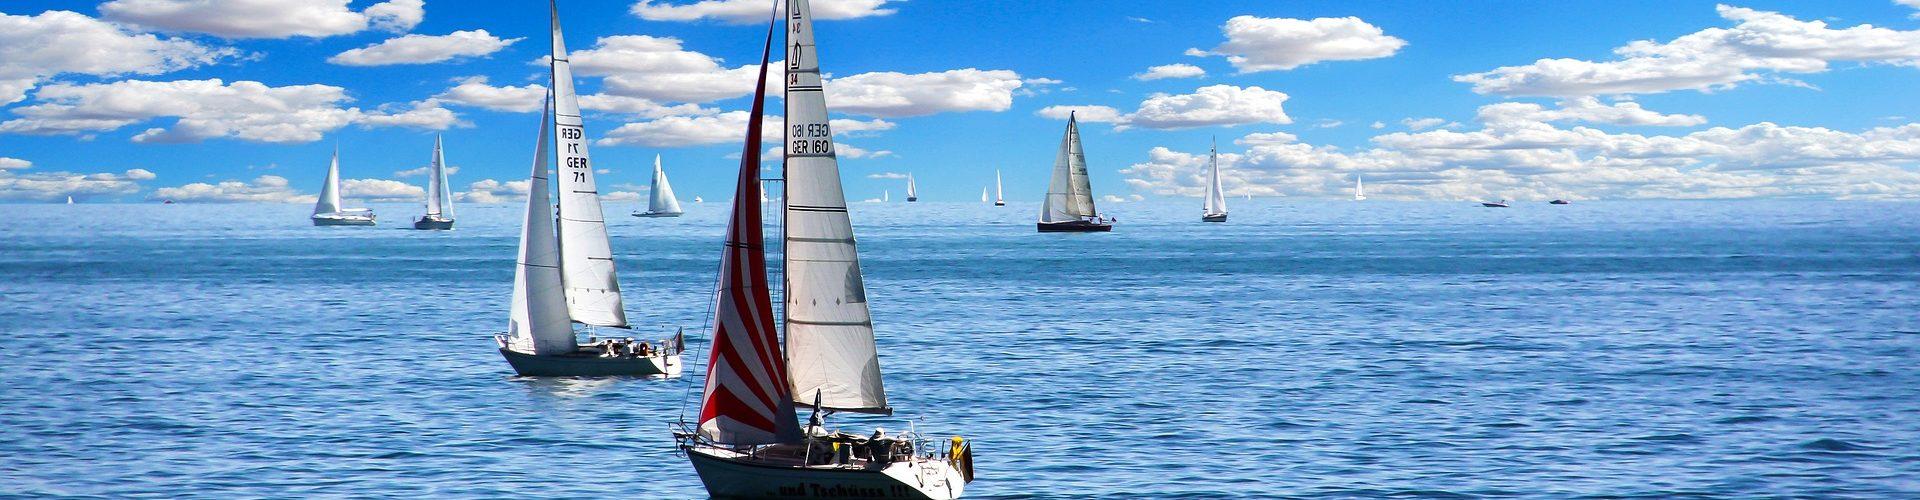 segeln lernen in Nienhagen segelschein machen in Nienhagen 1920x500 - Segeln lernen in Nienhagen